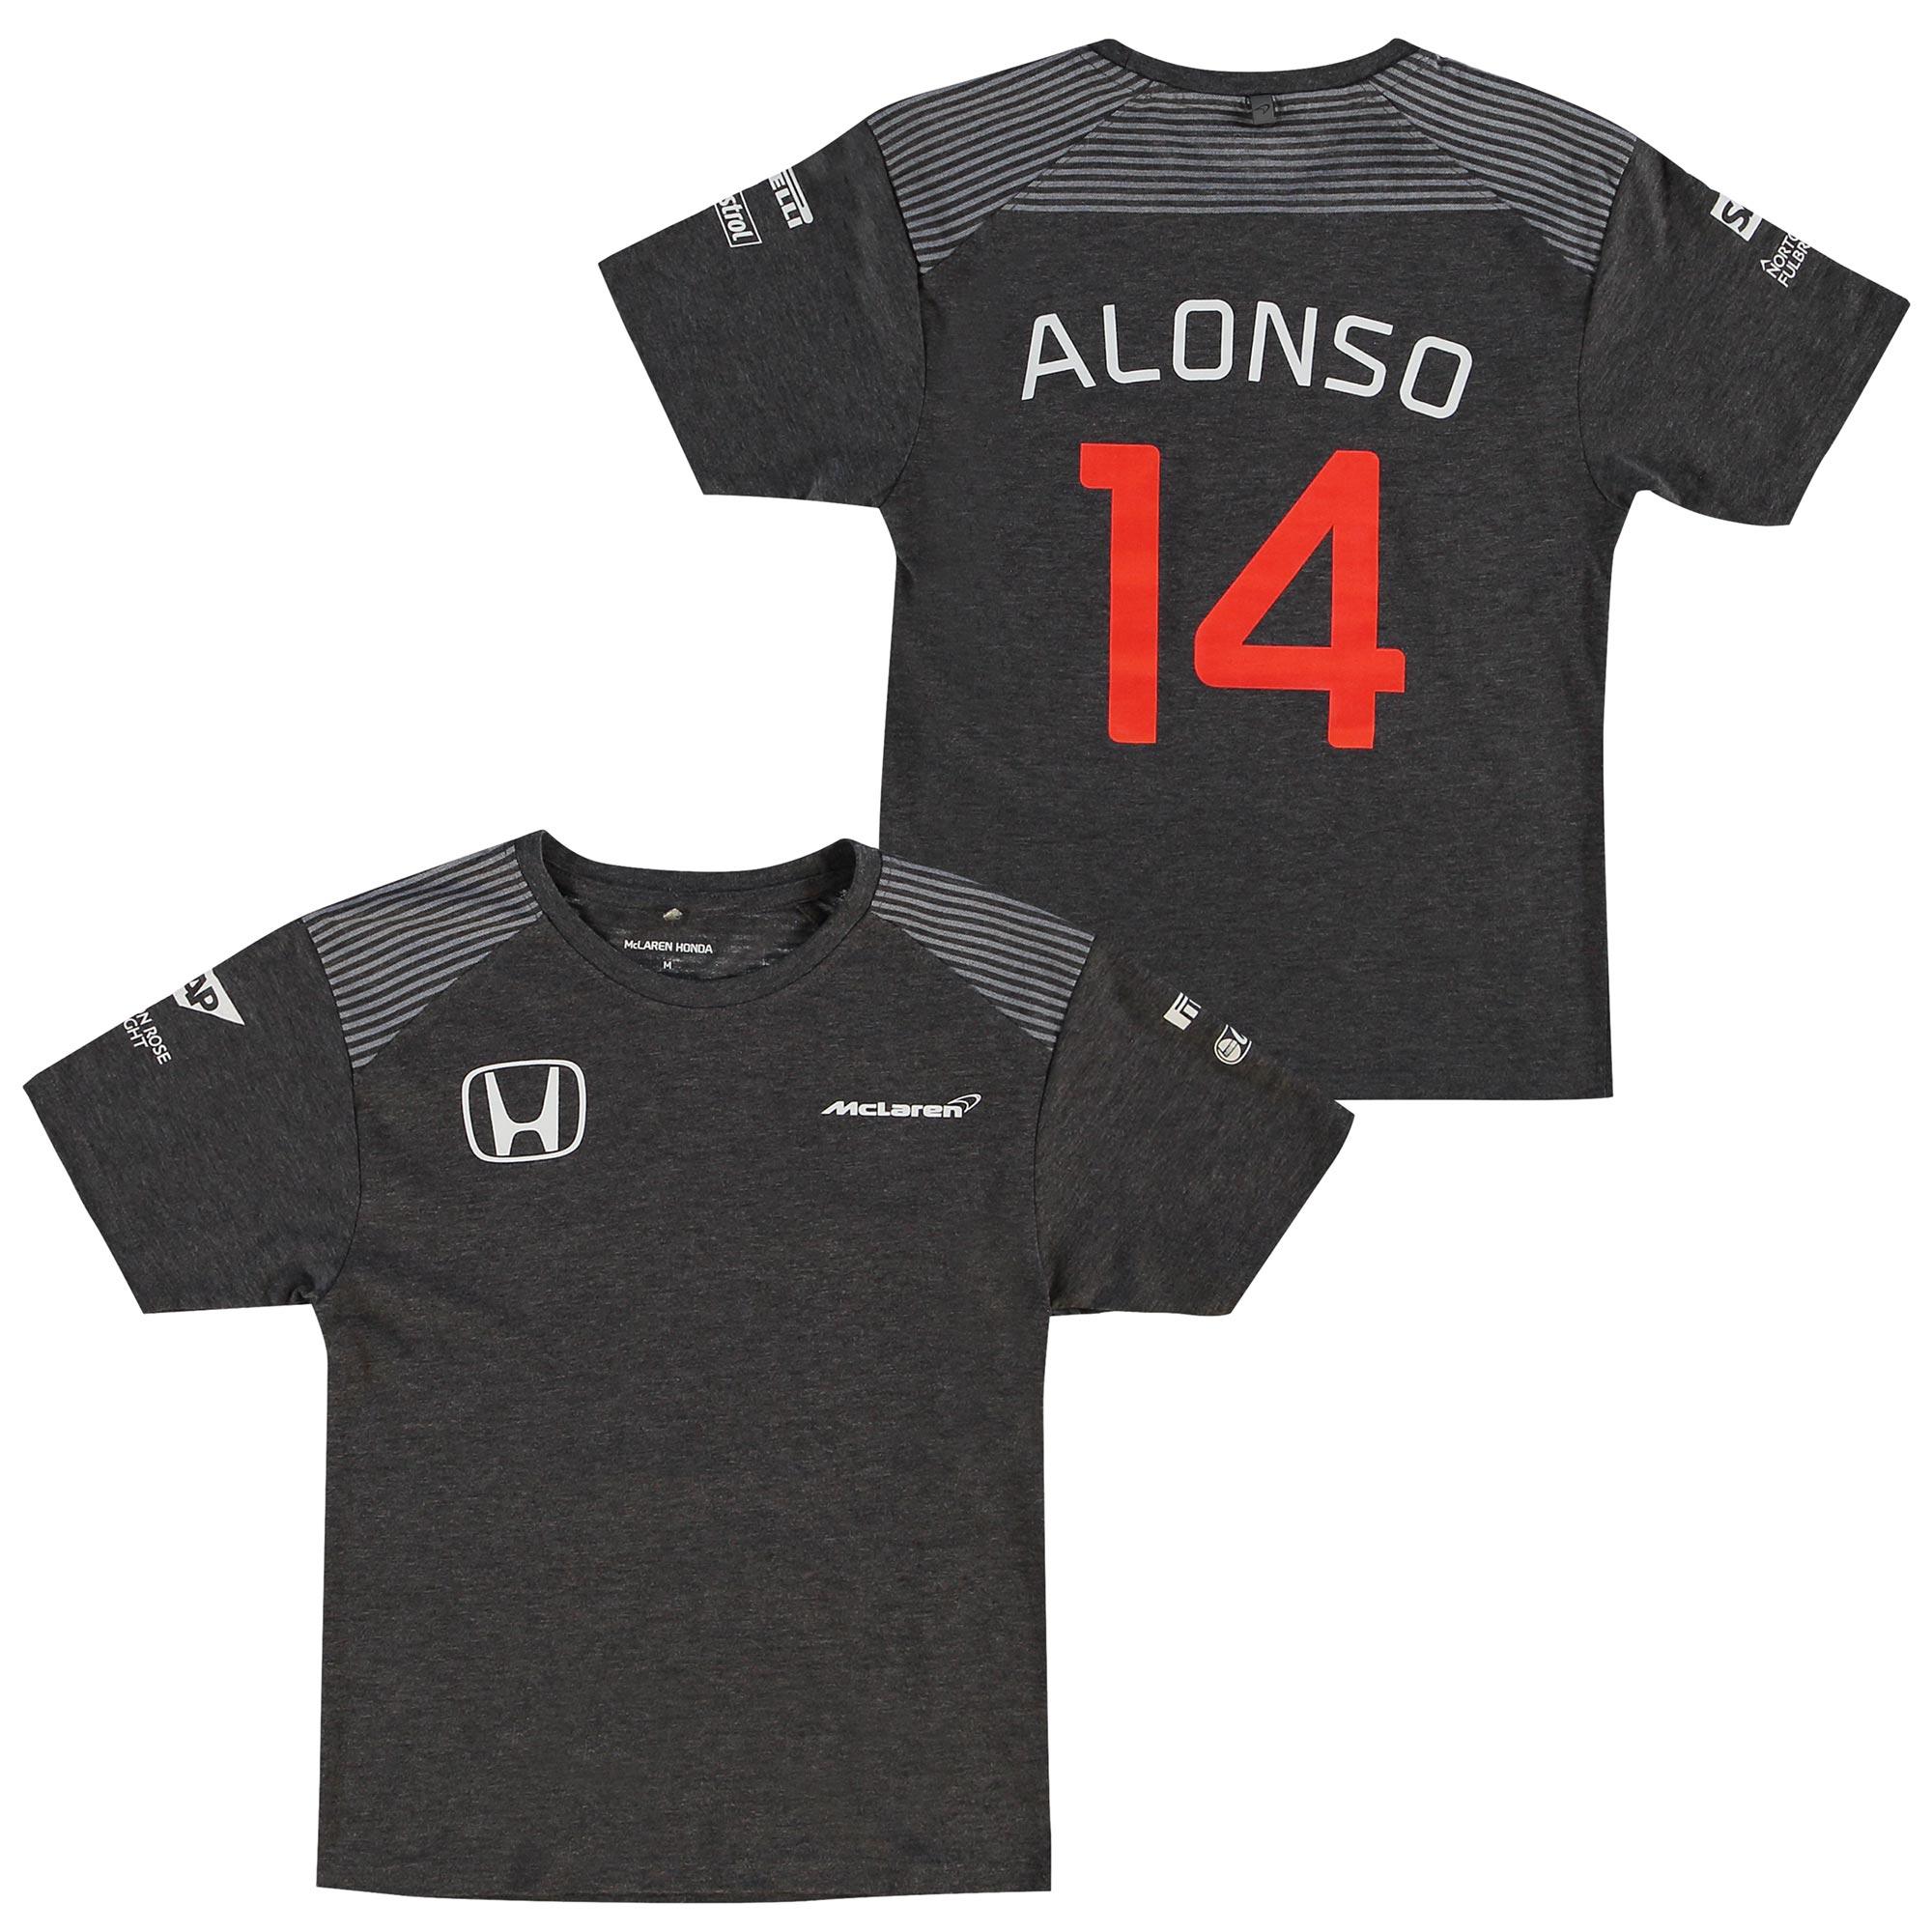 McLaren Honda Official 2017 Fernando Alonso T-Shirt - Kids